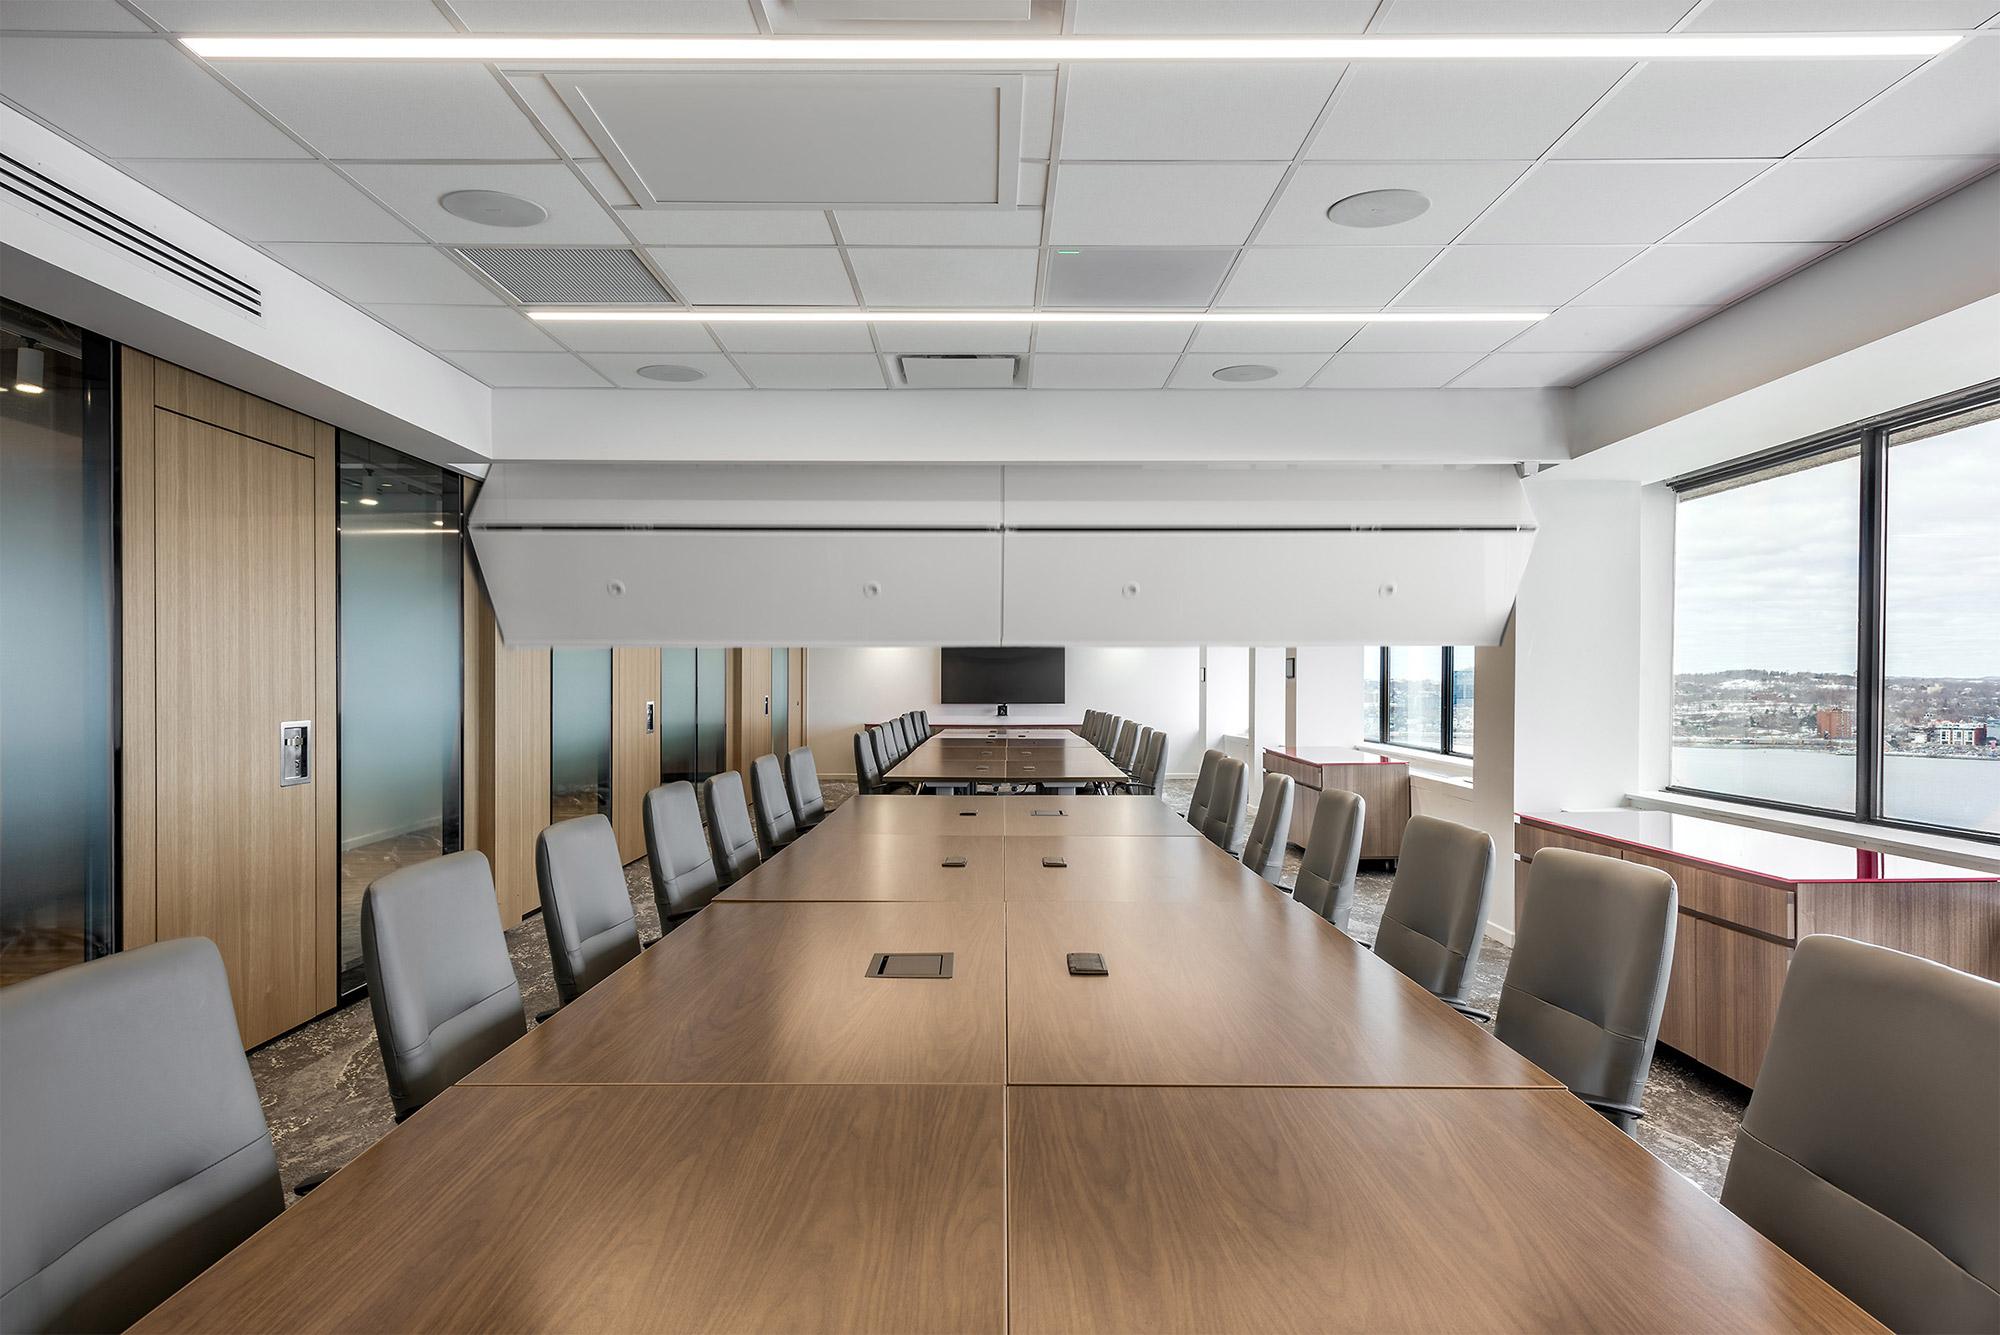 interior-design-financial-services-boardroom.jpg